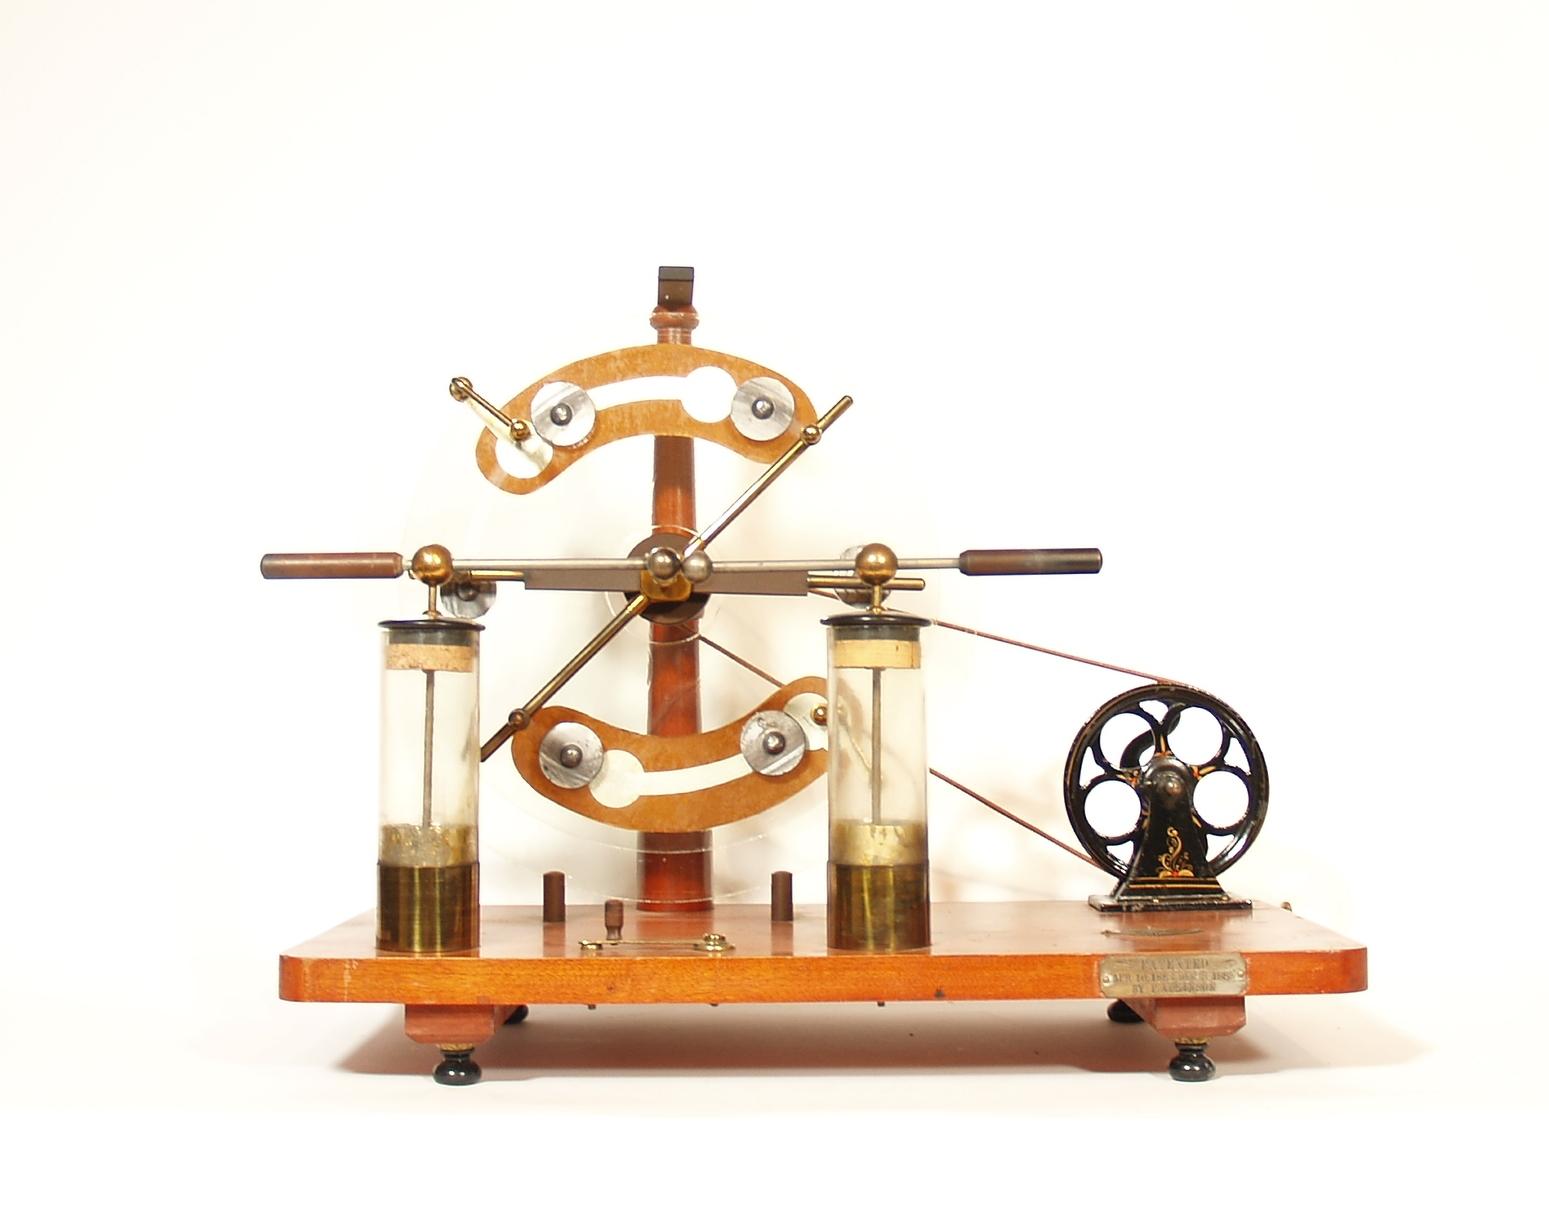 McIntosh Optical Friction Machine